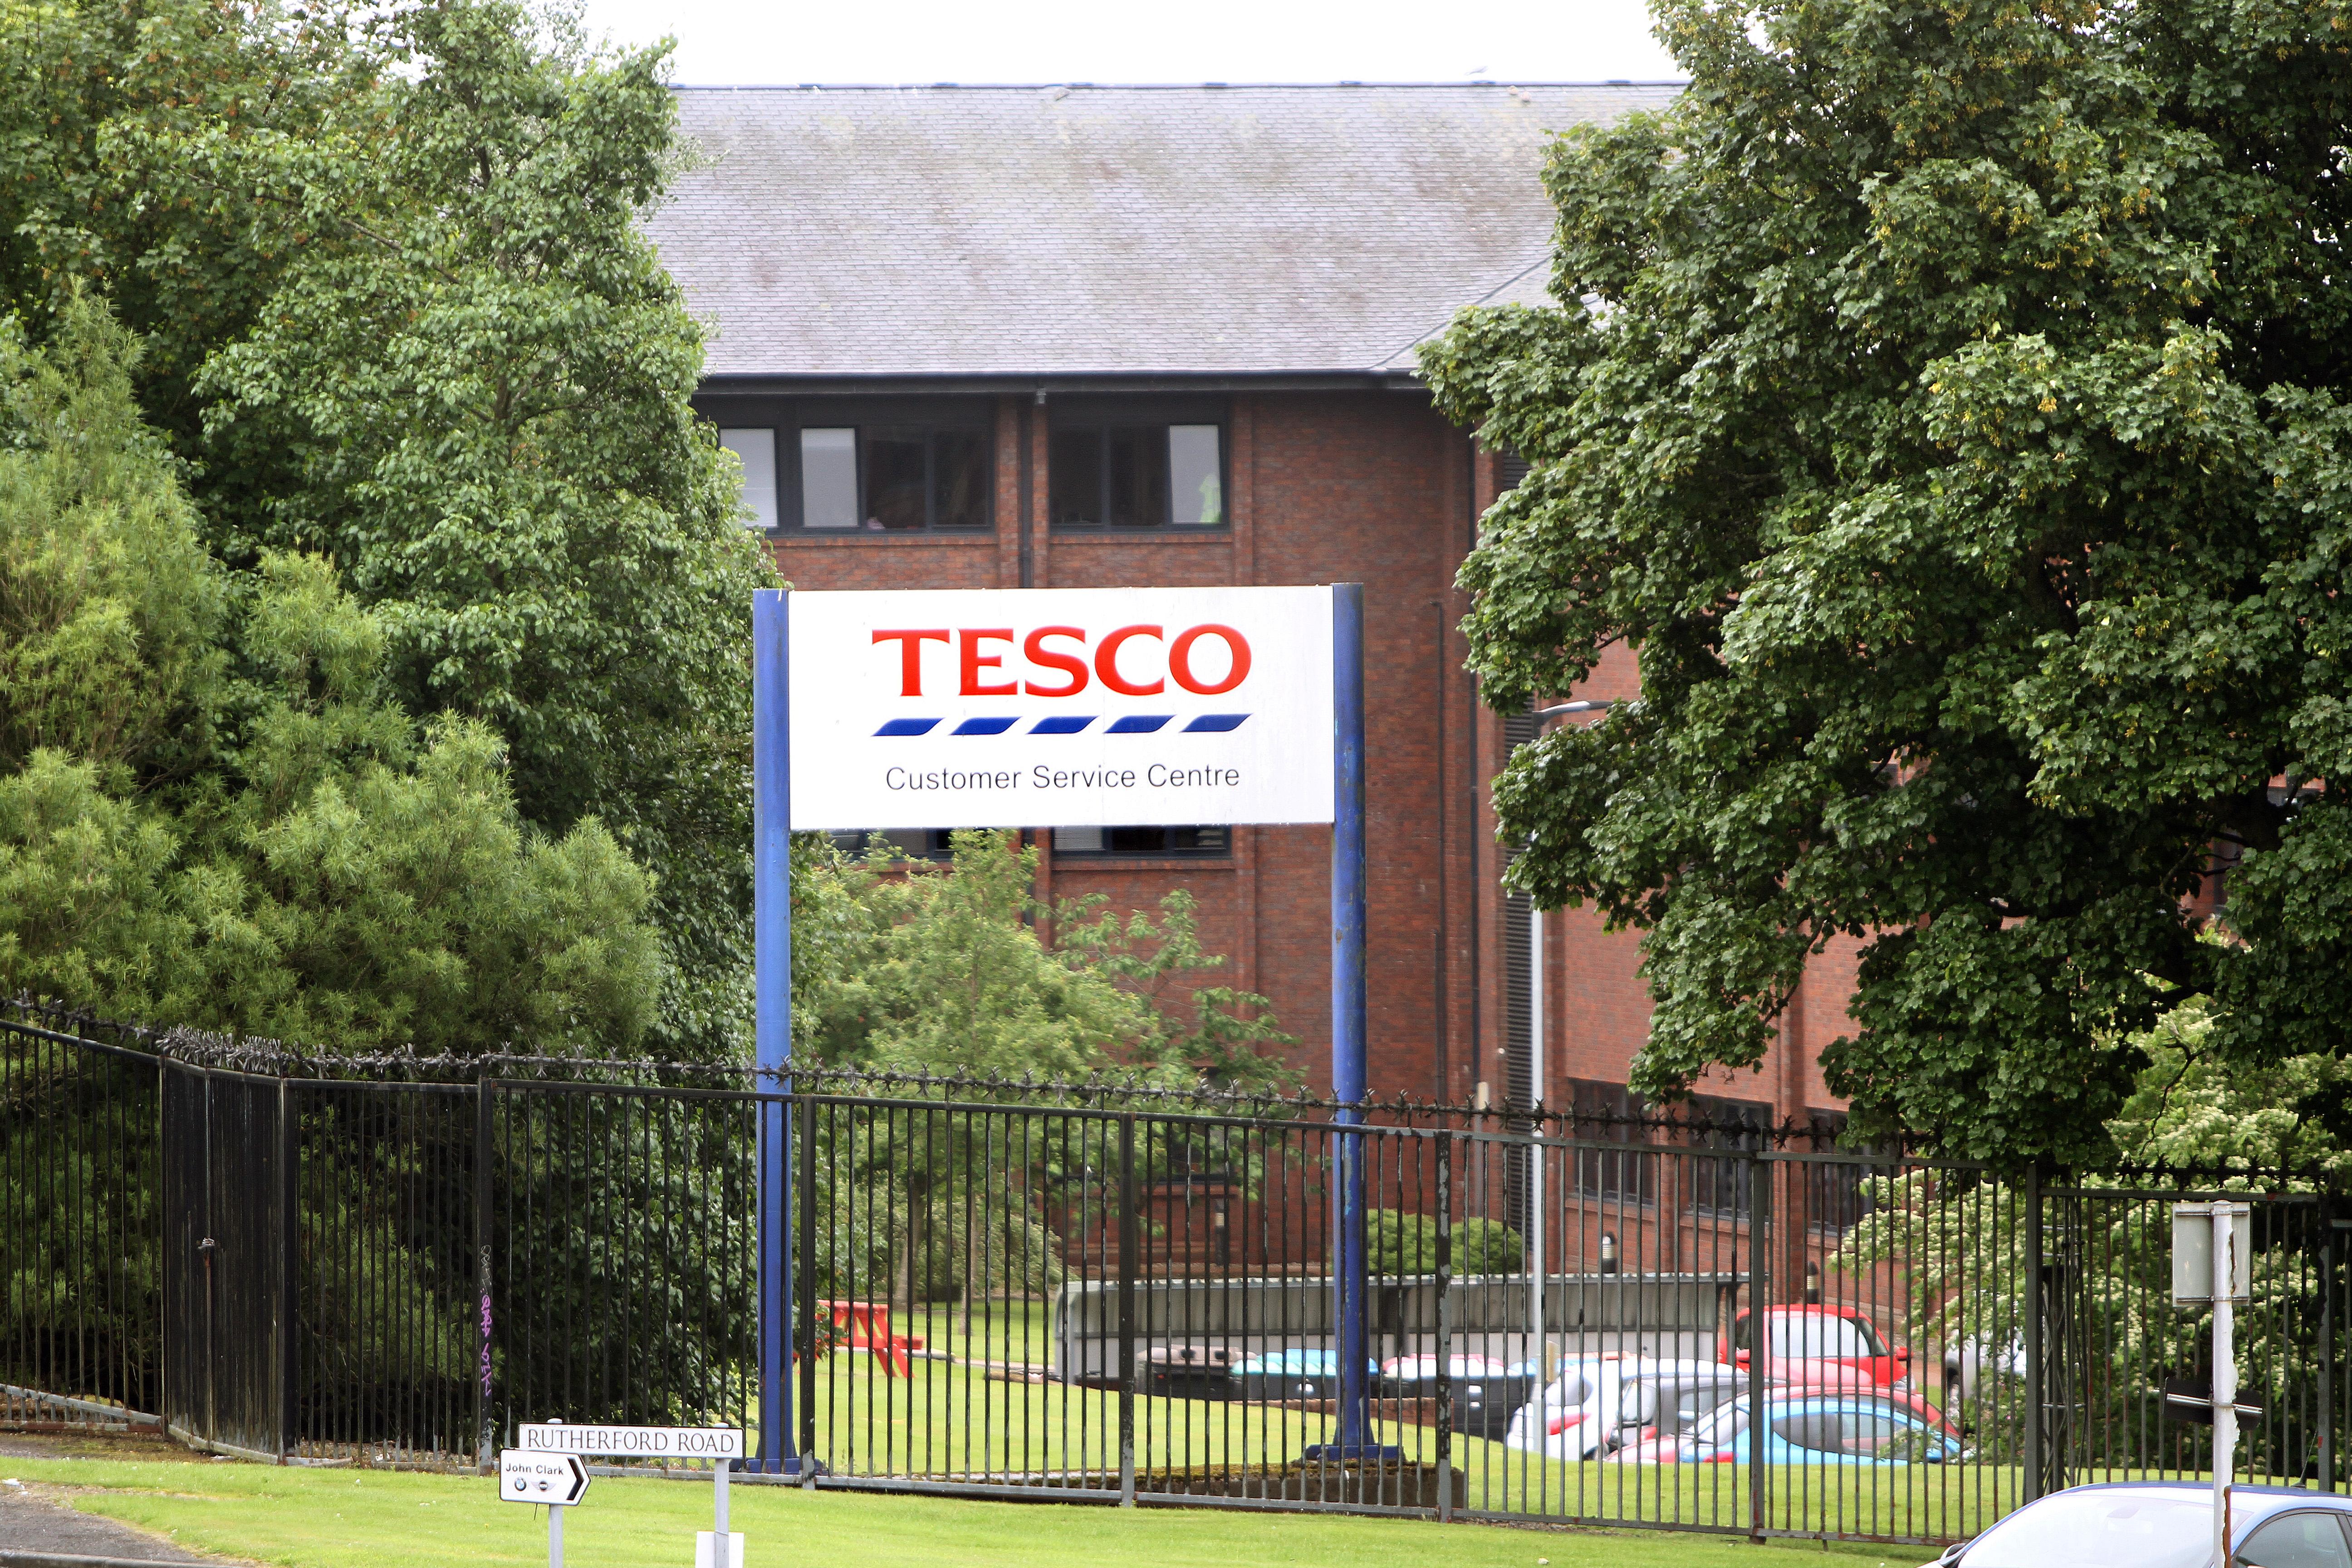 Tesco Customer Service Centre in Baird Avenue, Dundee